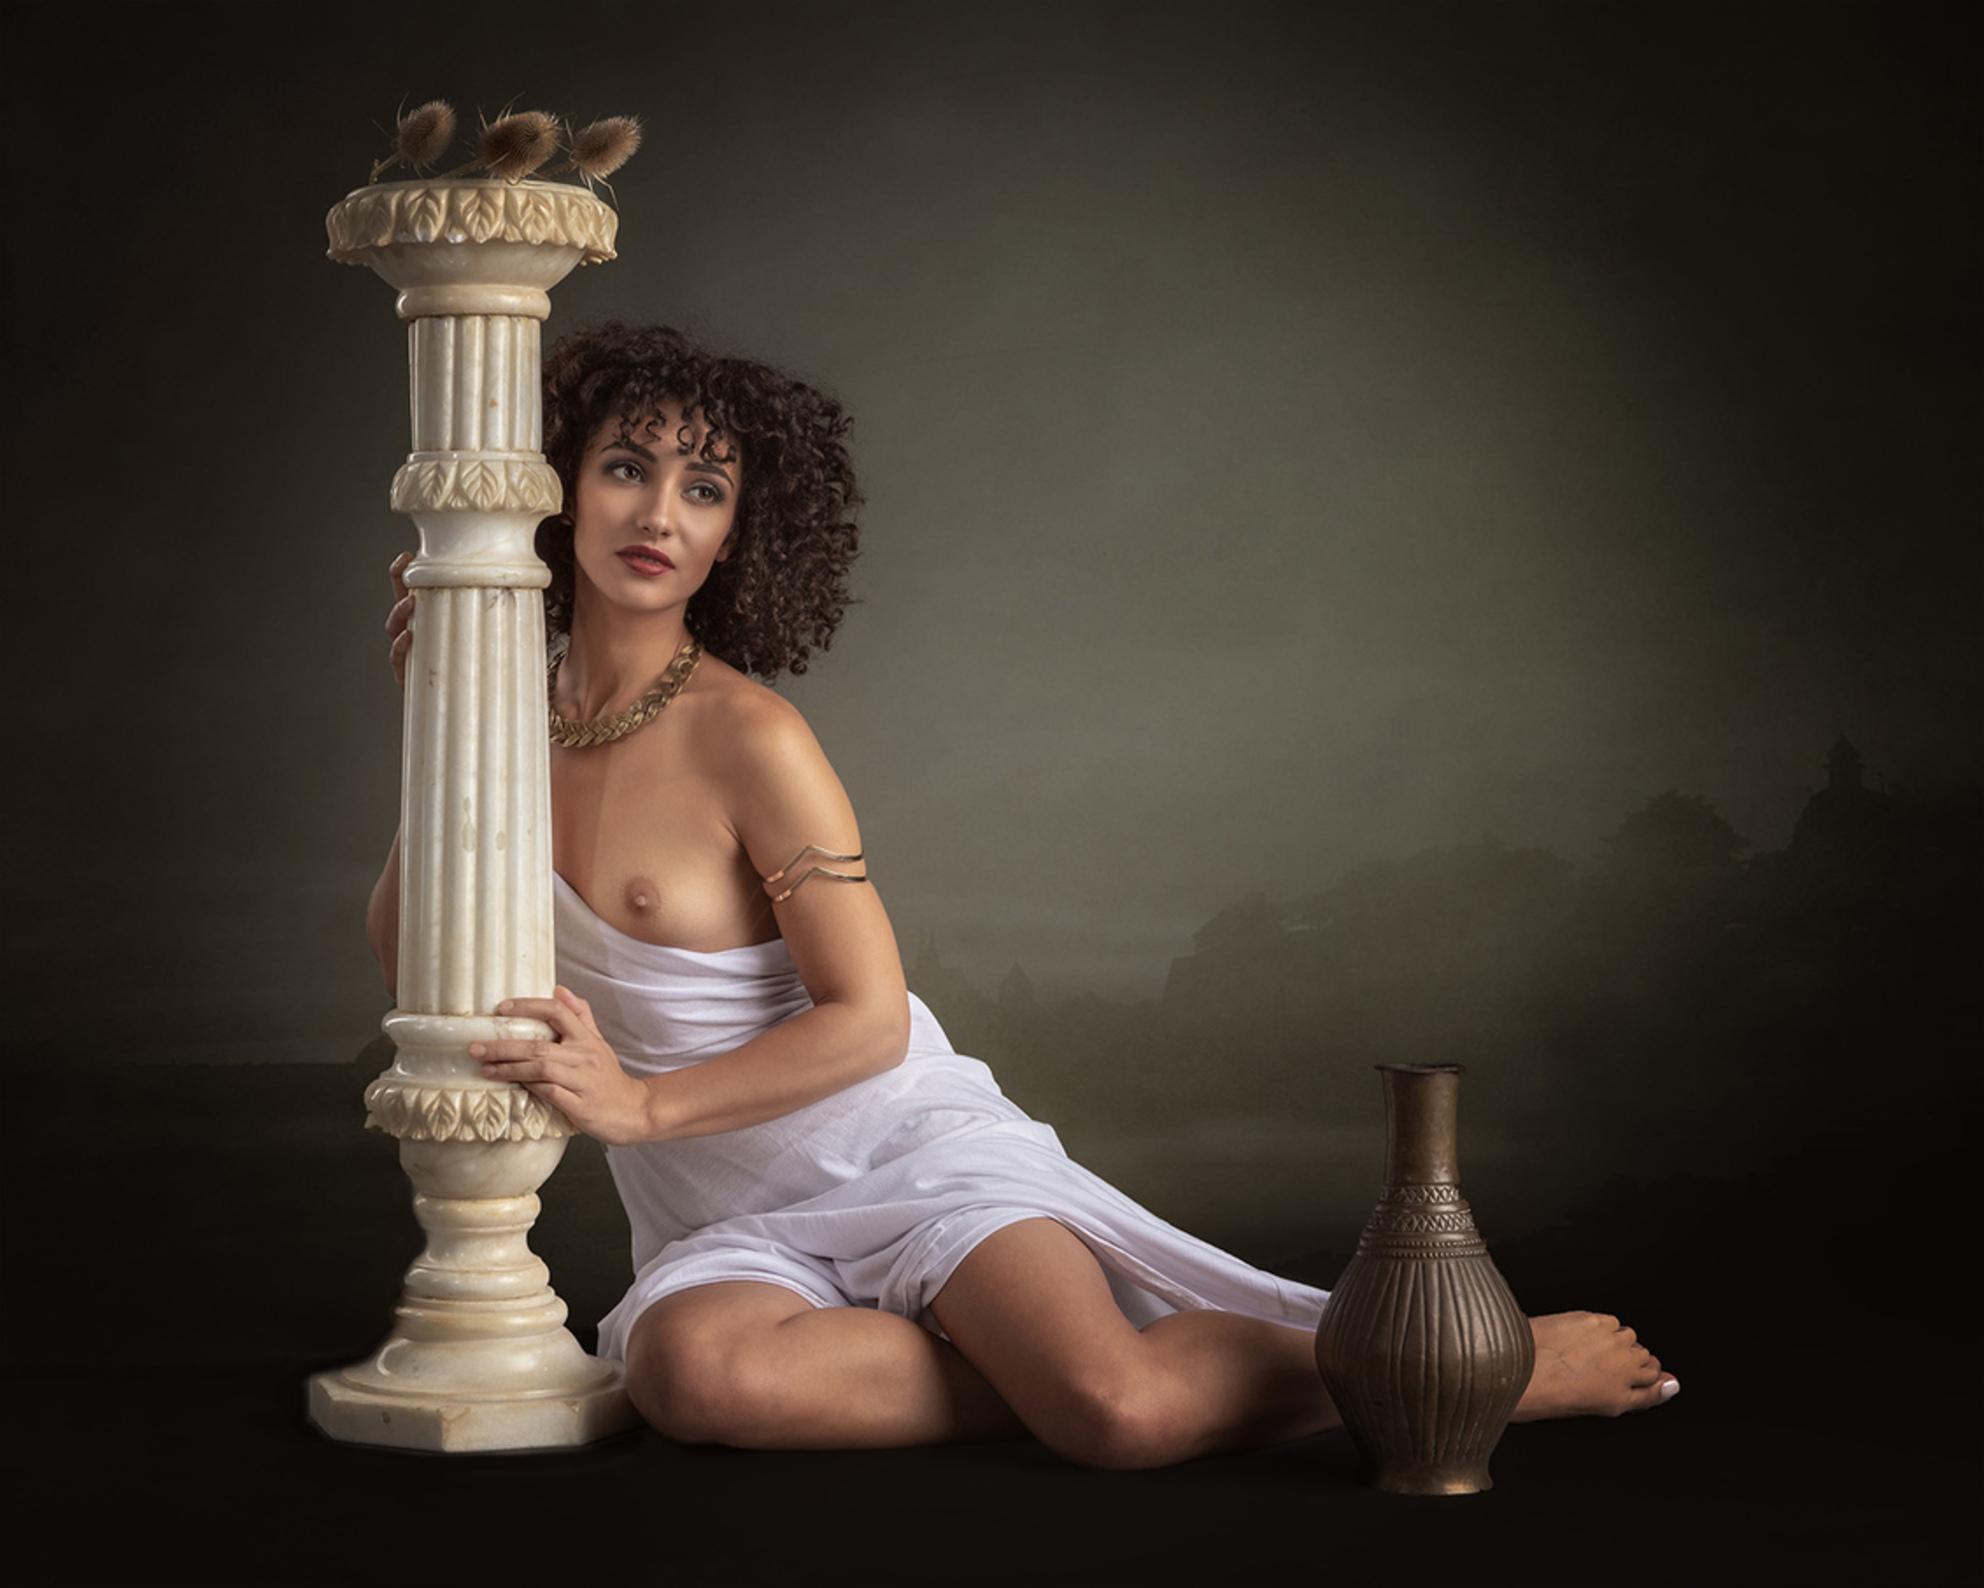 Greek goddess - Mischkah - foto door jhslotboom op 01-07-2018 - deze foto bevat: vrouw, soft, portret, landschap, model, erotiek, beauty, naakt, pose, studio, schoonheid, grieks, klassiek, zuil, krullen, pilaar, brunette, godin, artistiek, goddess, gewaad, backdrop, mischkah - Deze foto mag gebruikt worden in een Zoom.nl publicatie